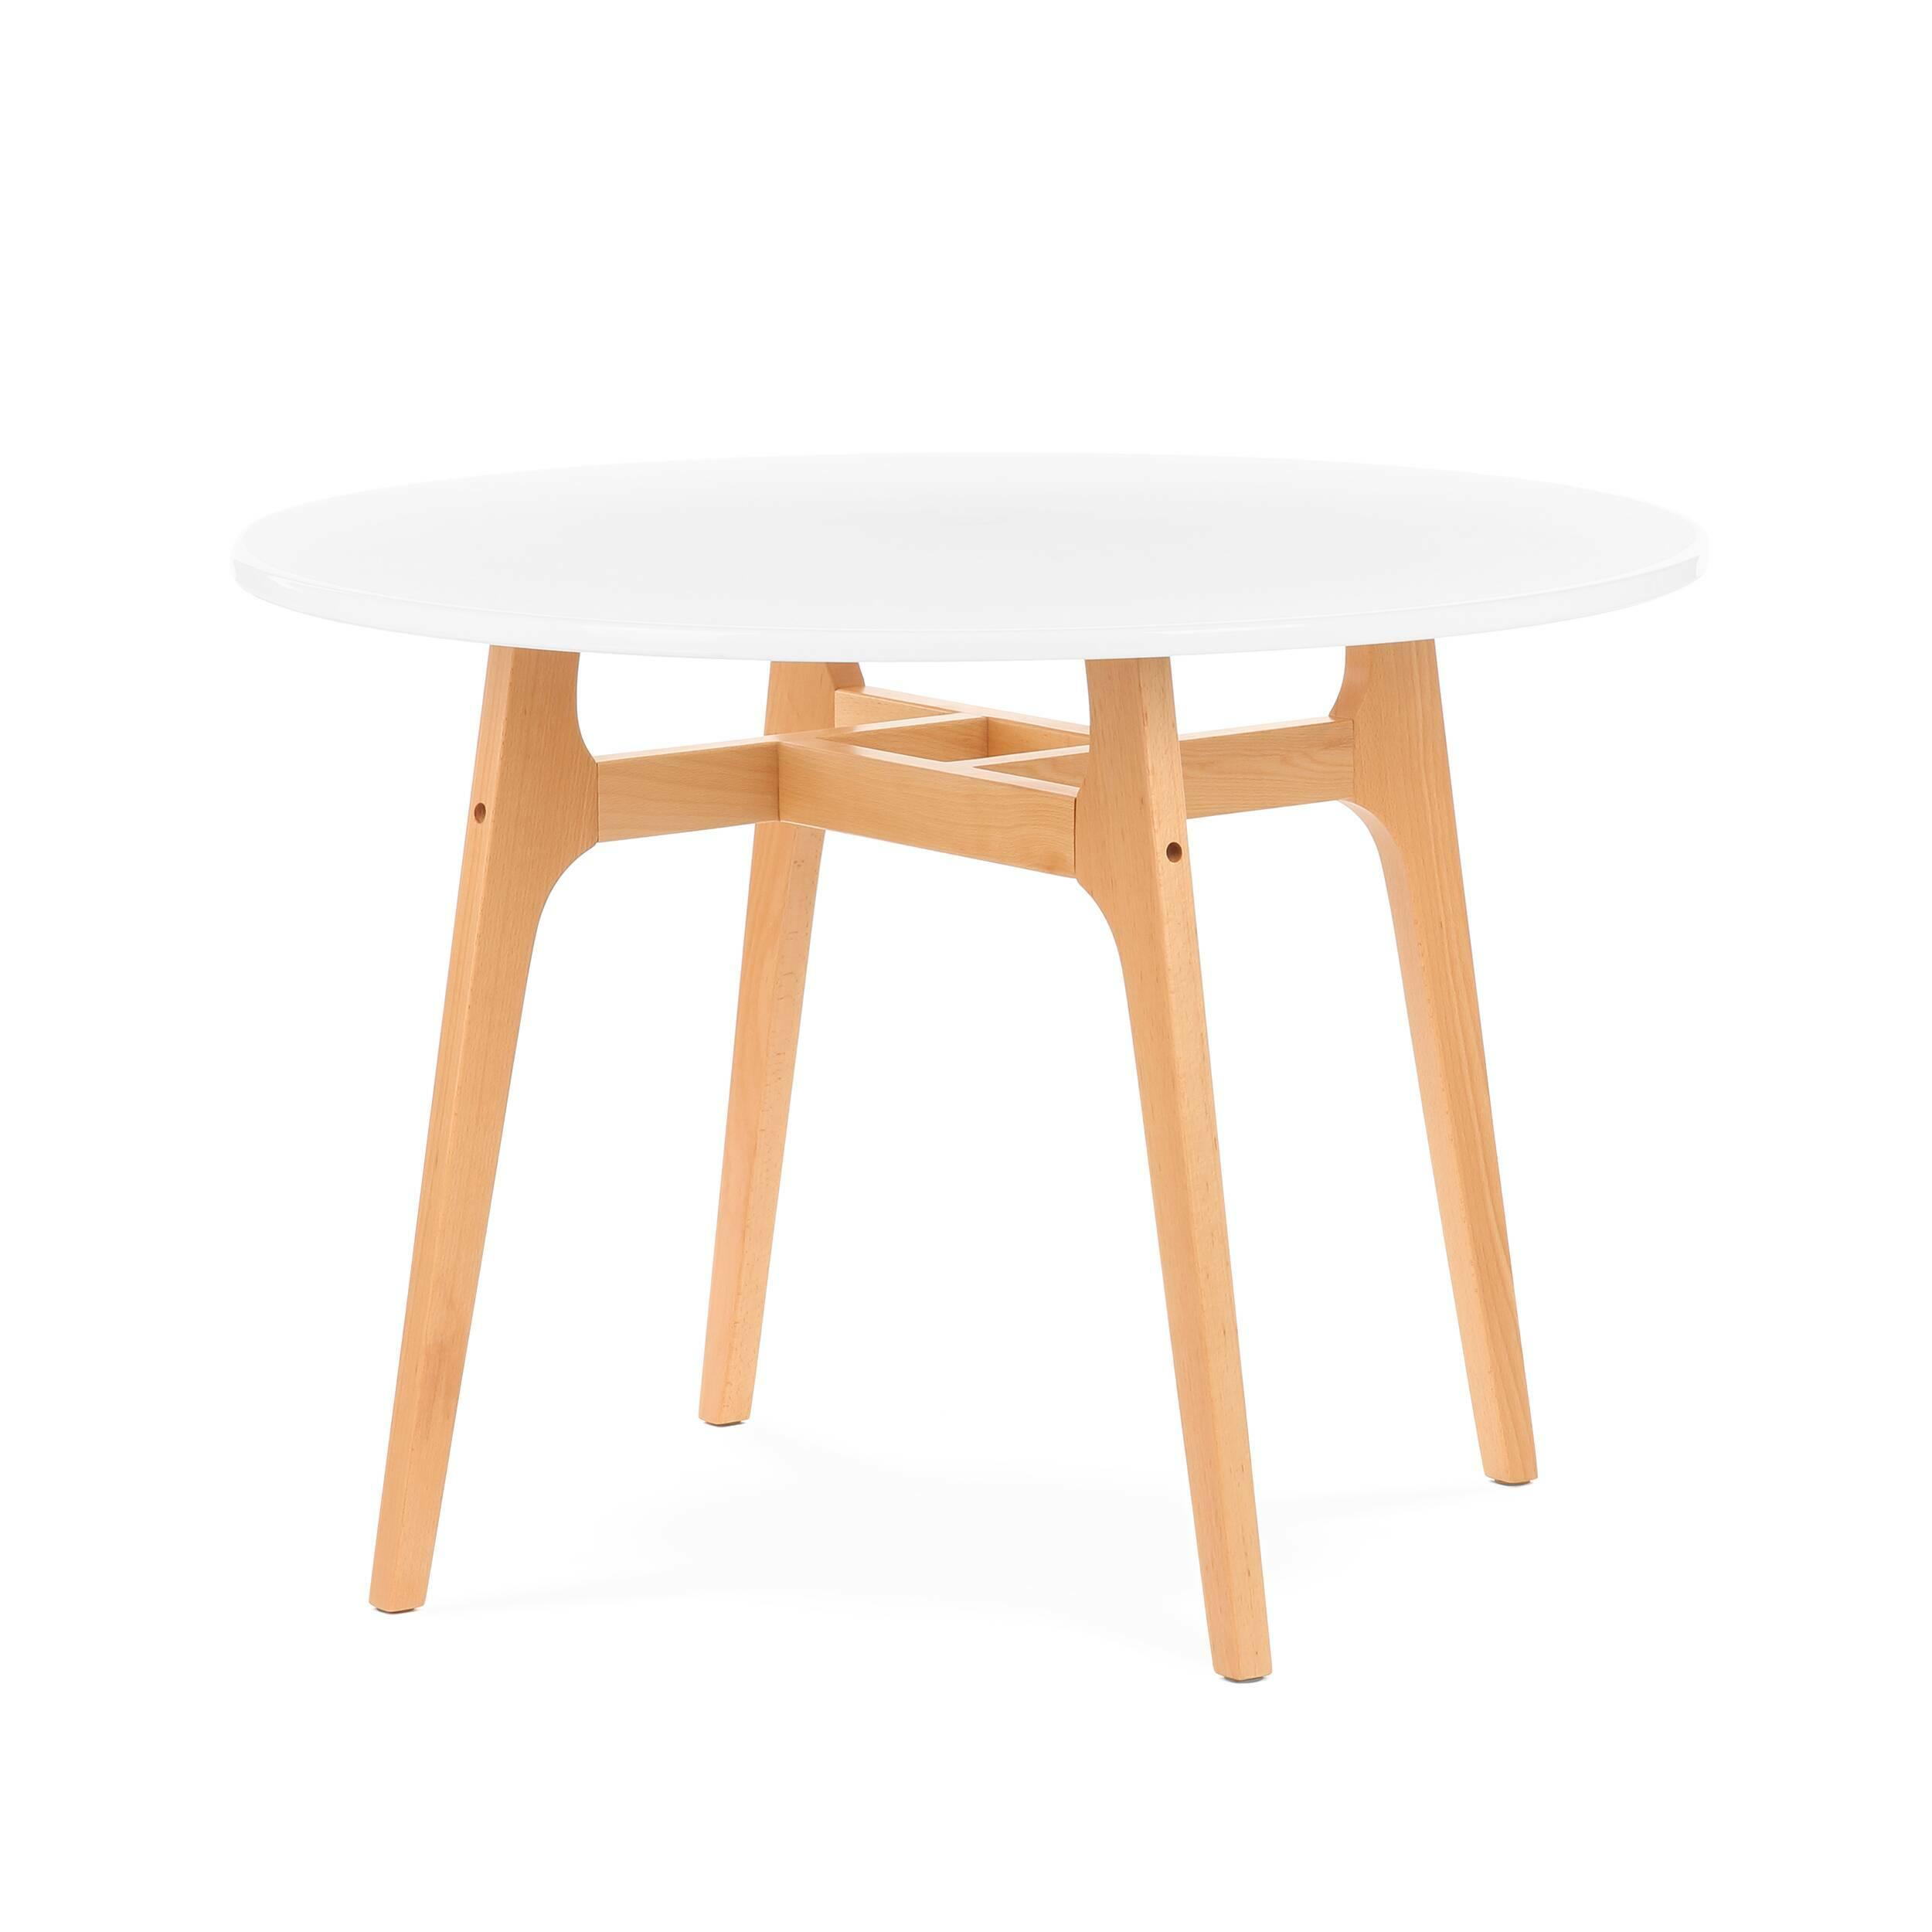 Обеденный стол Eiffel диаметр 100 обеденный стол molasses диаметр 100